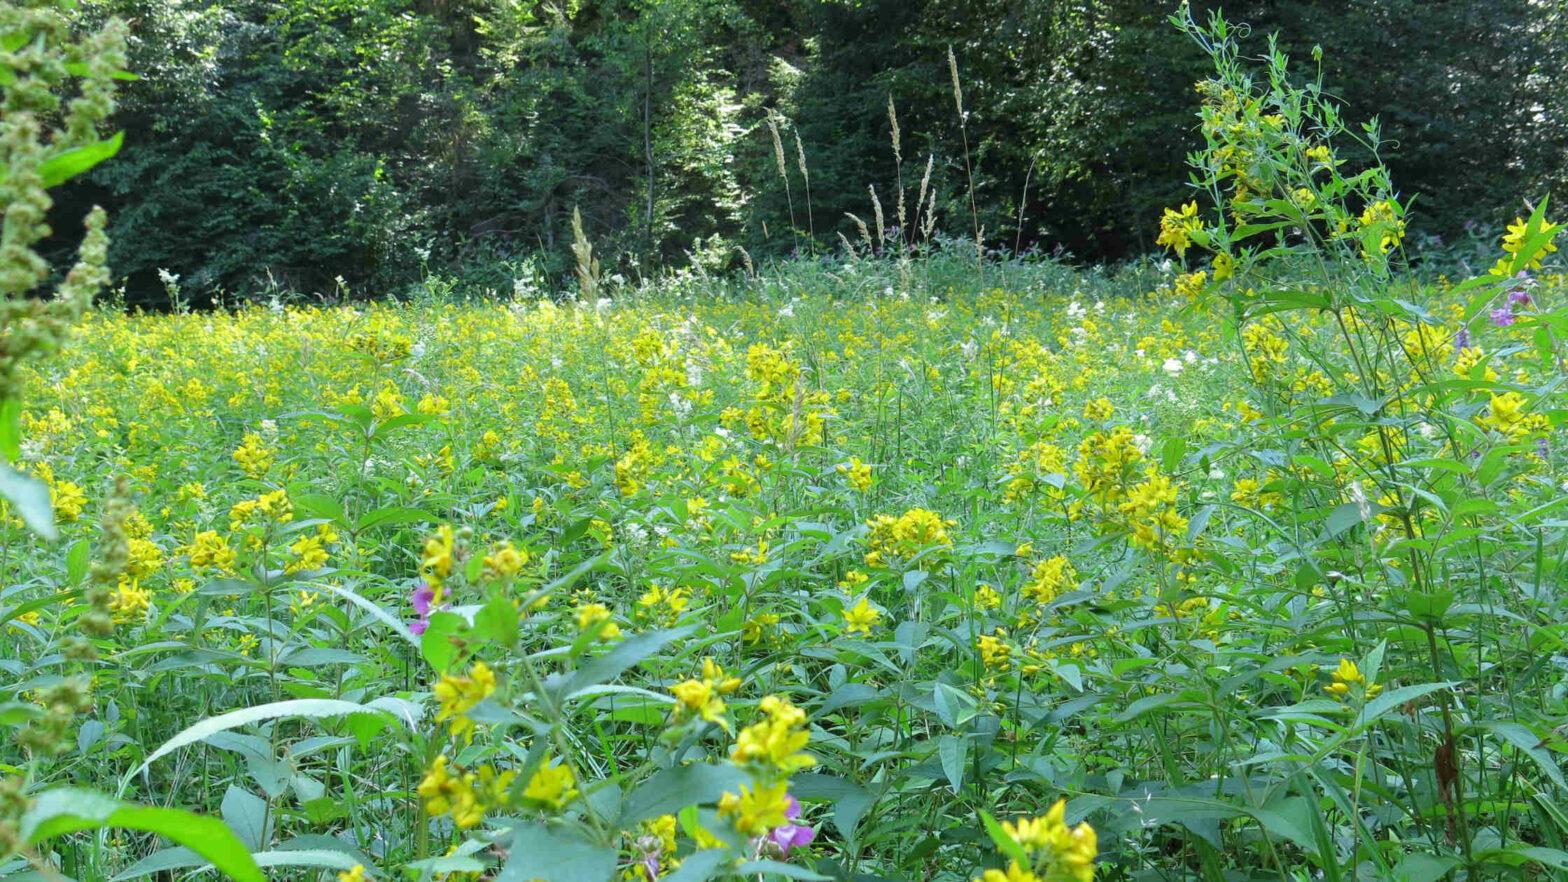 bee habitat, meadow